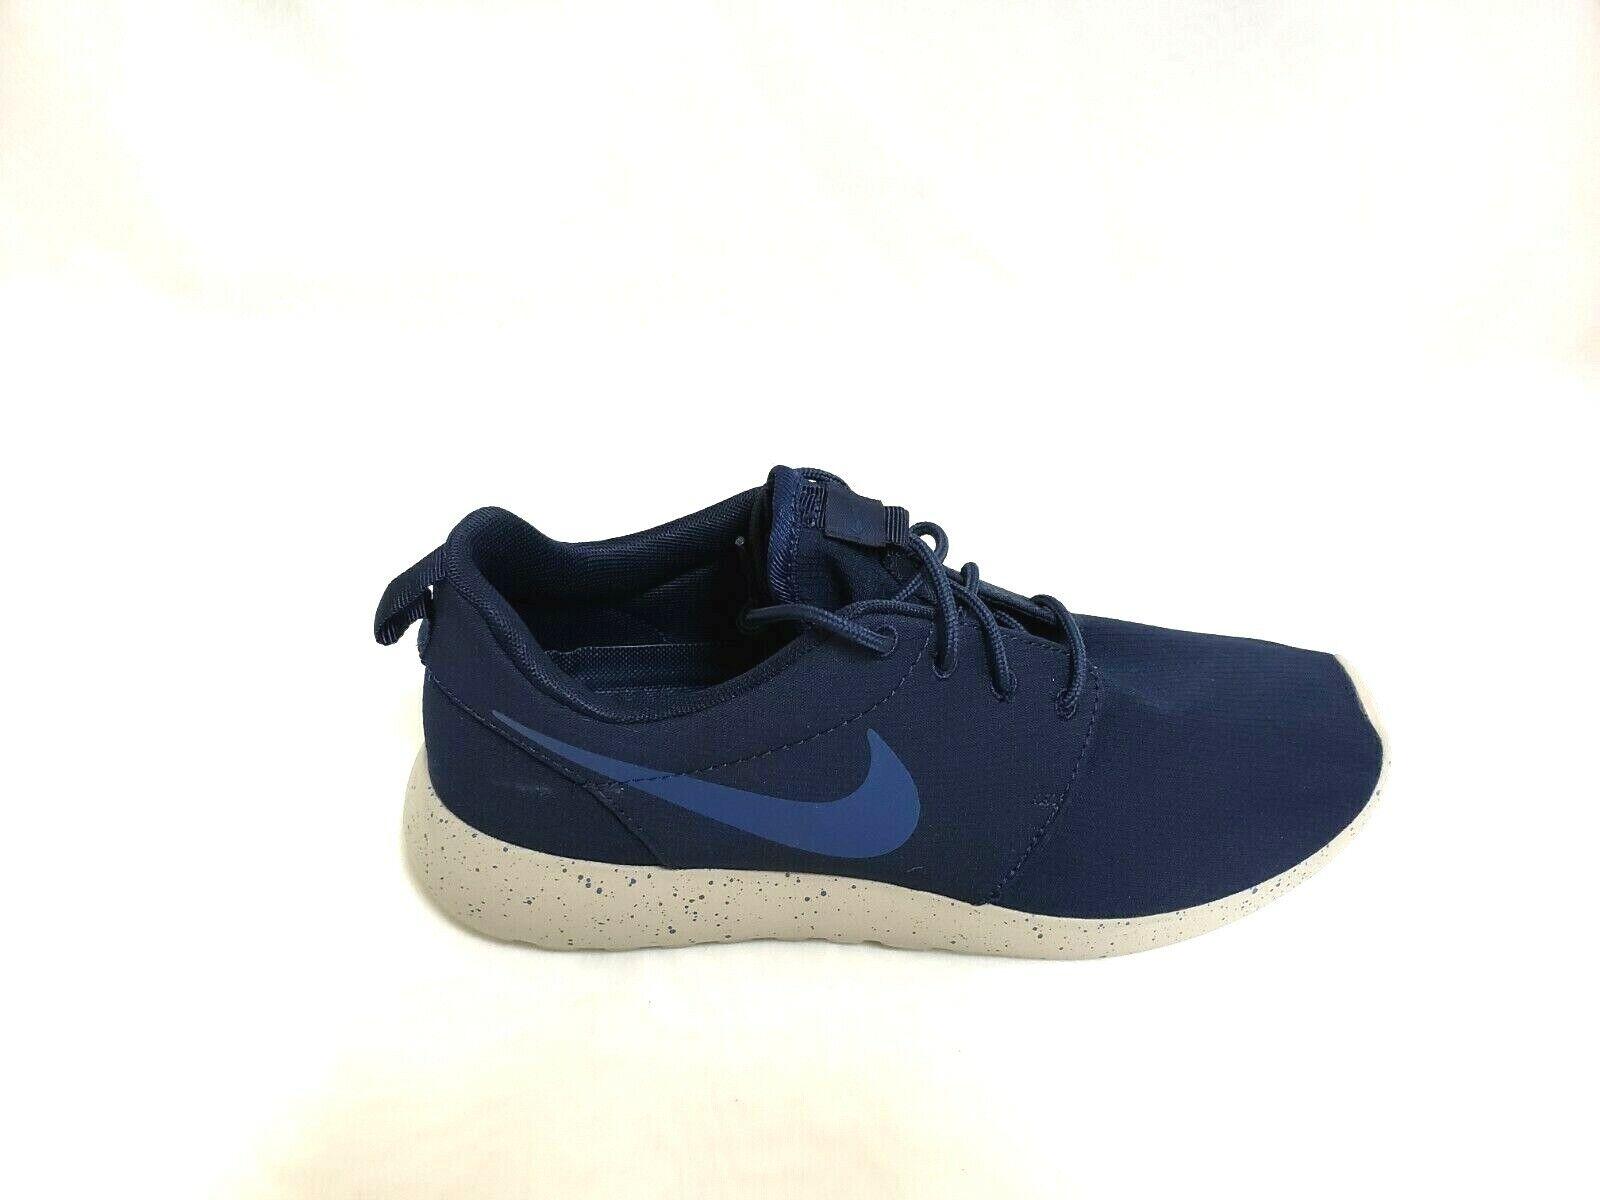 NEW  Men's NIKE Roshe One SE 844687-406 Obsidian Gym bluee 89D sm